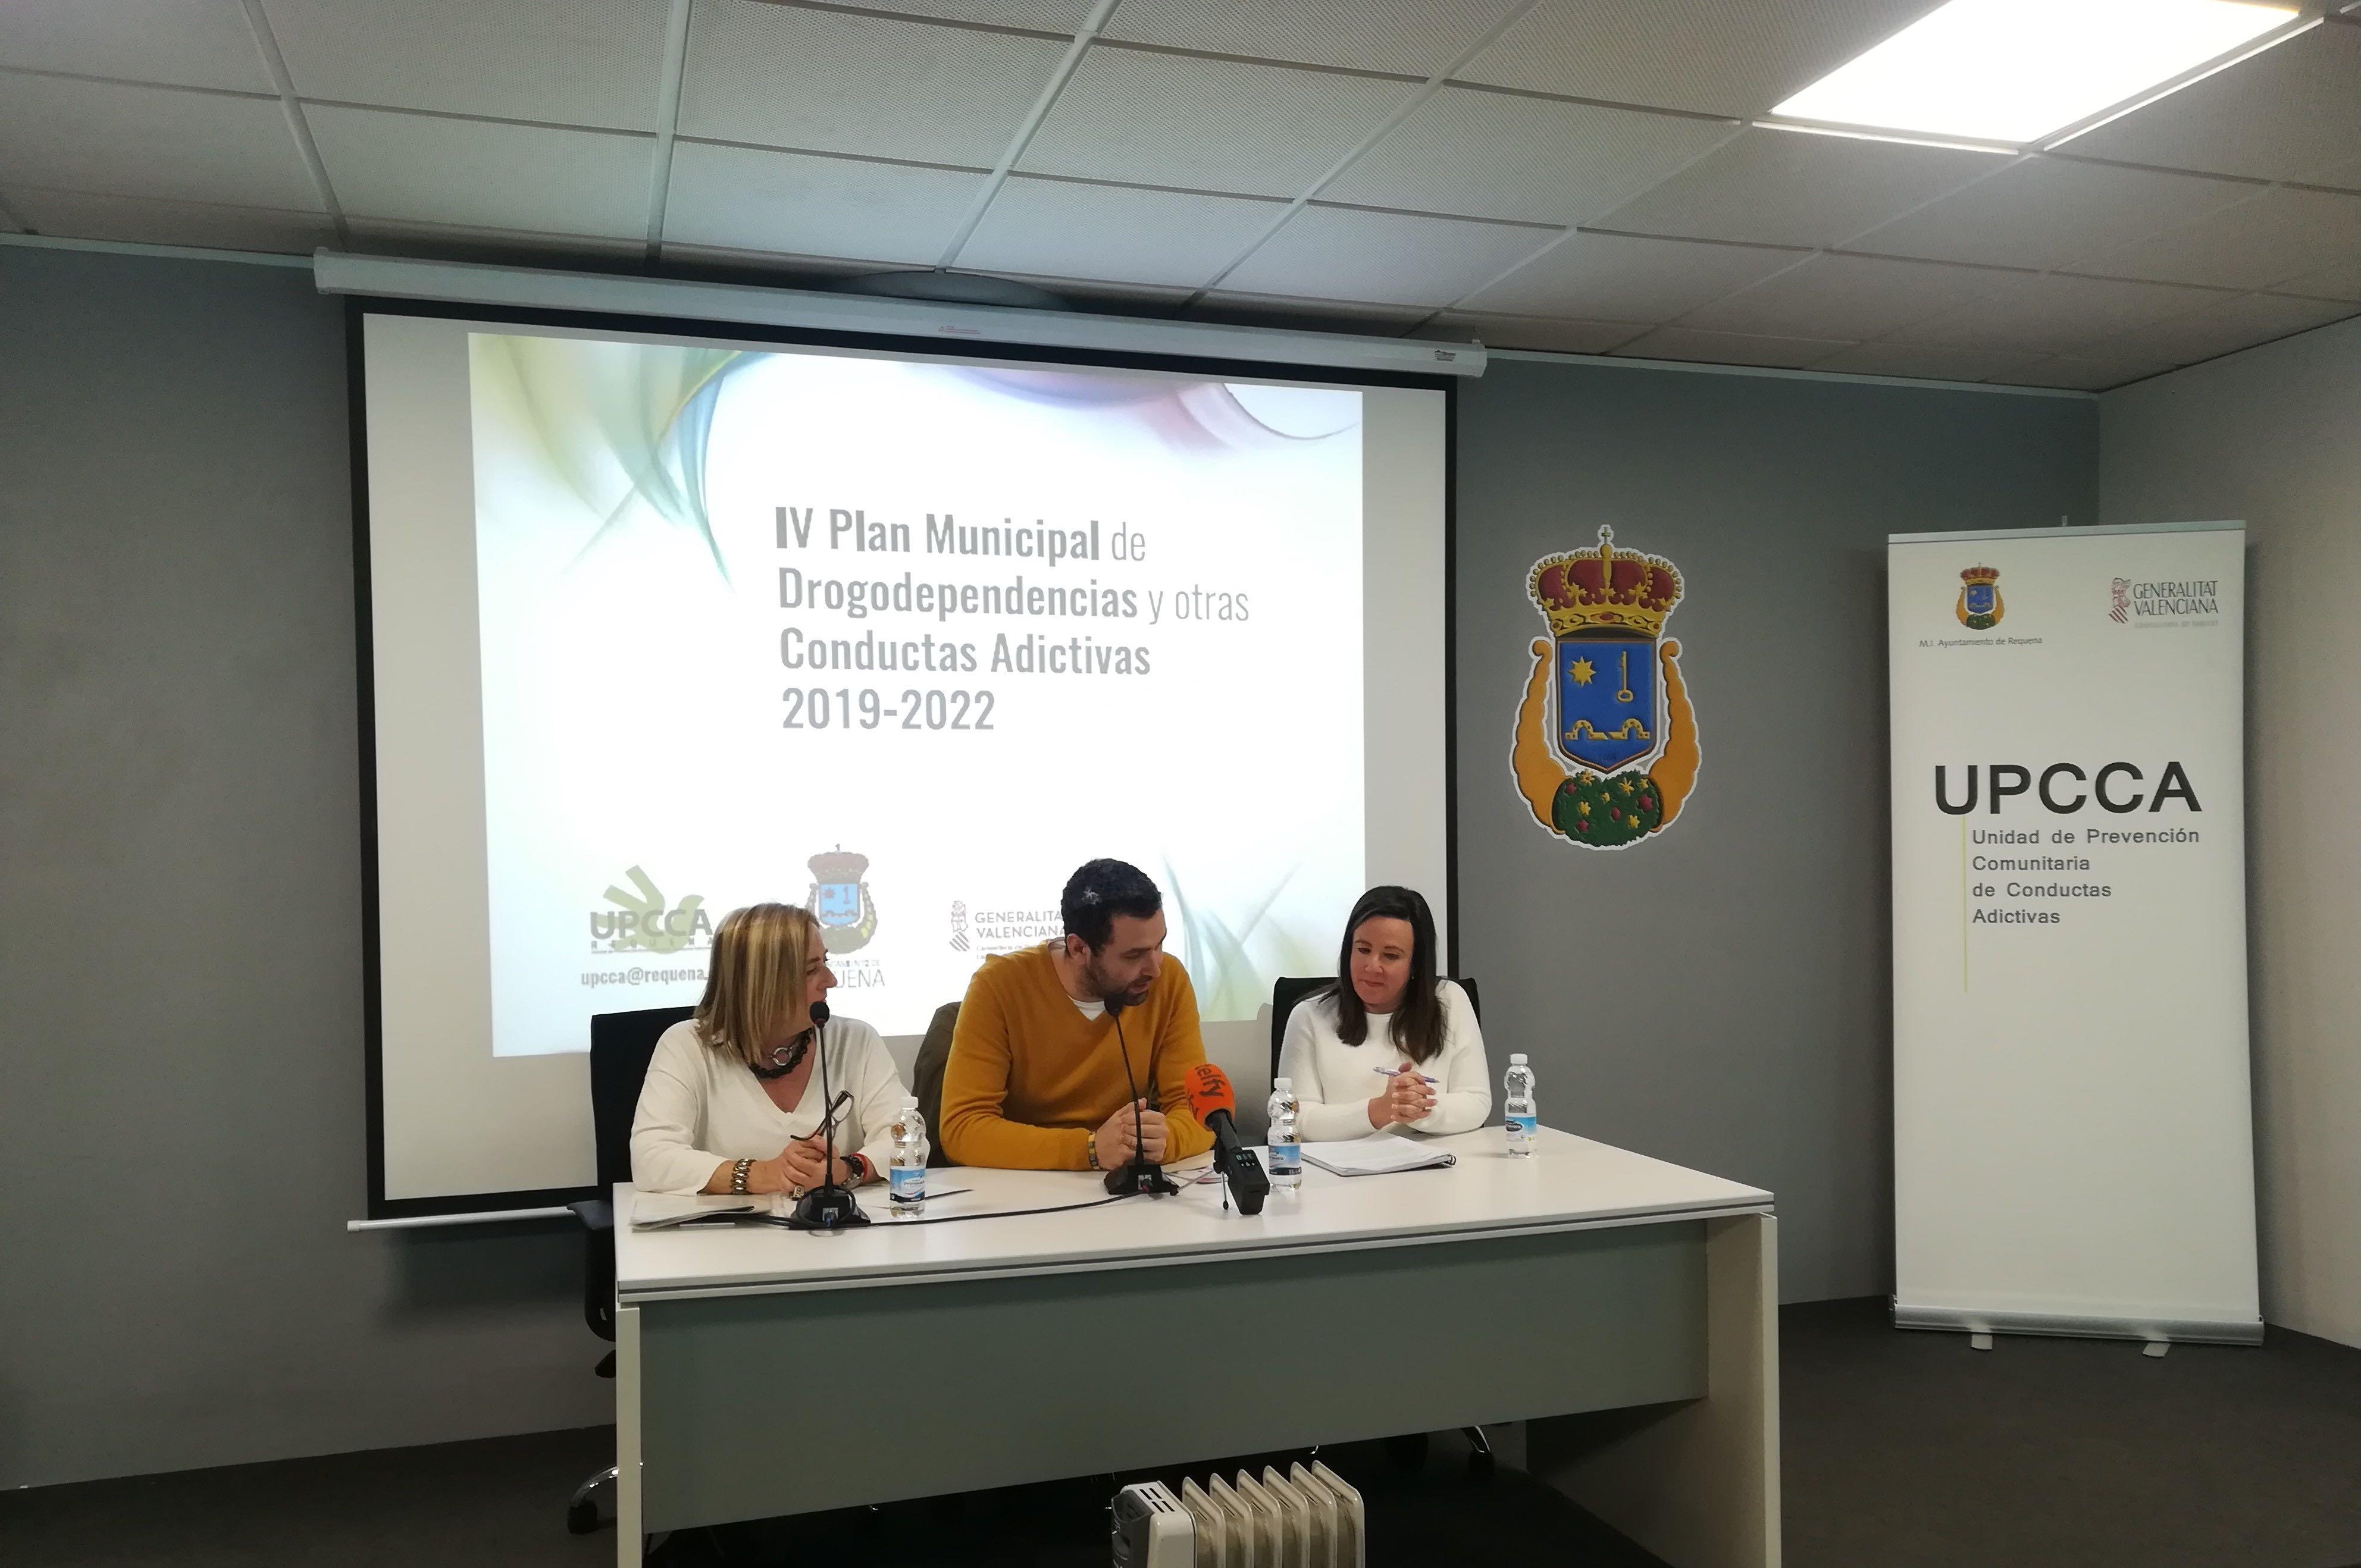 El Plan Municipal de Drogodependencias y otras conductas adictivas se ha presentado en el Espacio Cultural Feliciano Antonio Yeves de Requena.